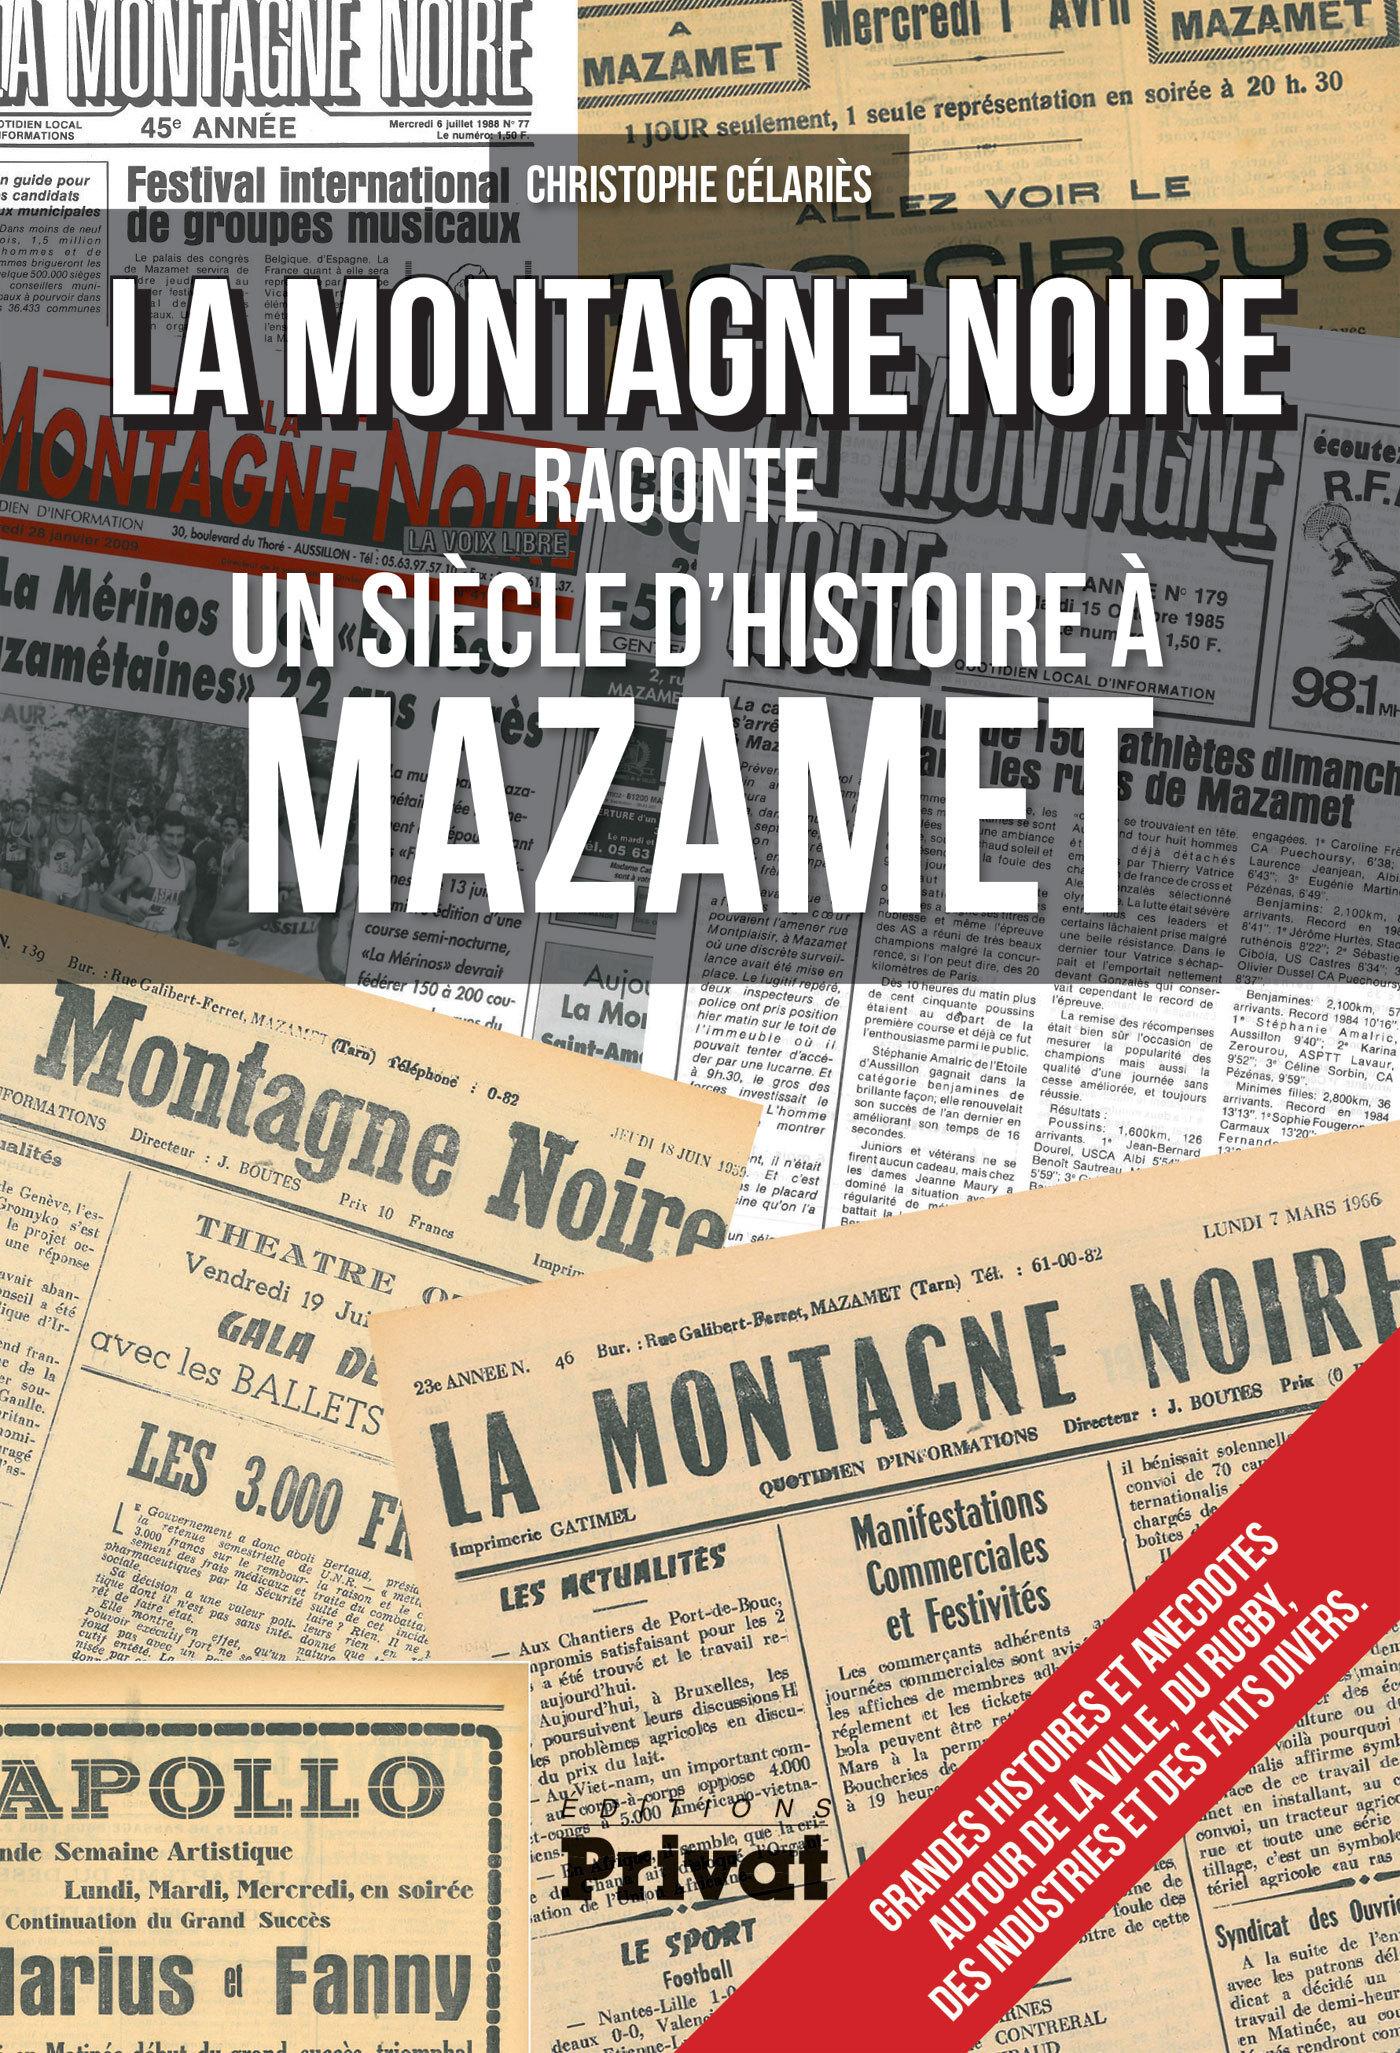 """""""LA MONTAGNE NOIRE"""" RACONTE UN SIECLE D'HISTOIRE A MAZAMET"""